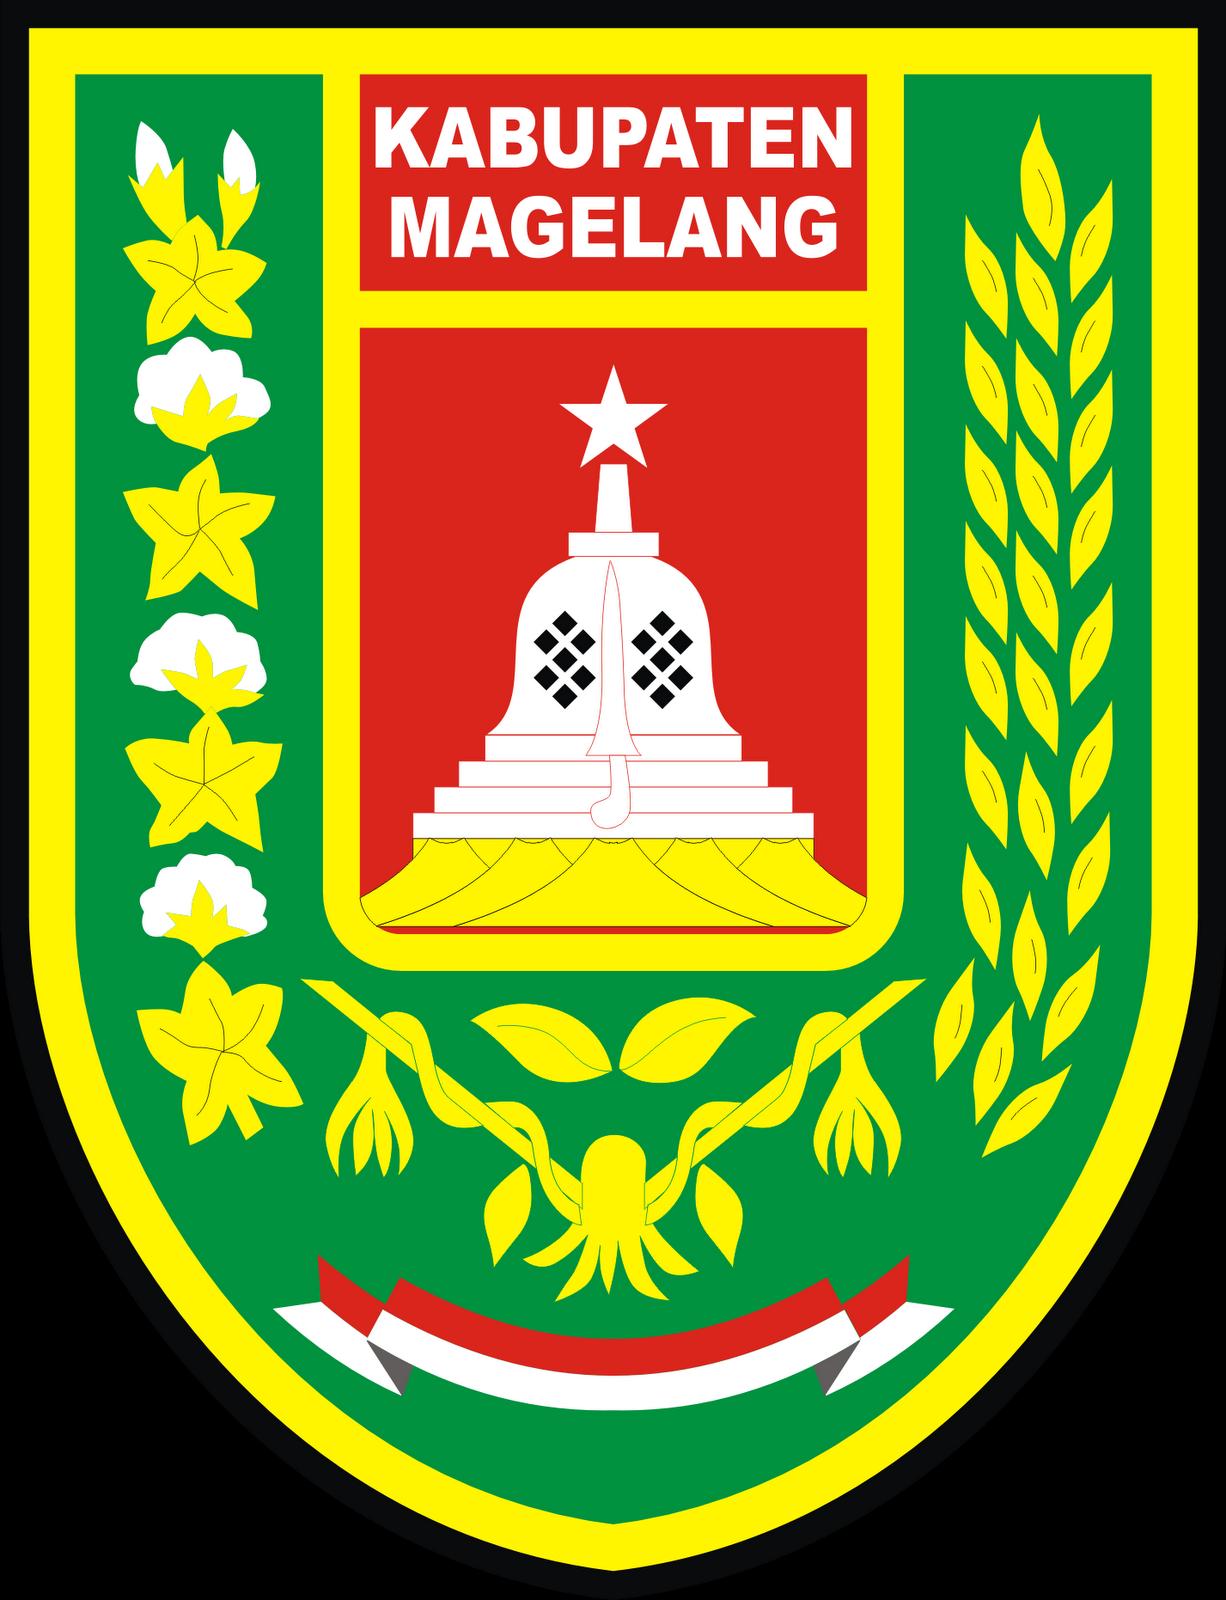 14. Kabupaten Magelang Kota, Magelang